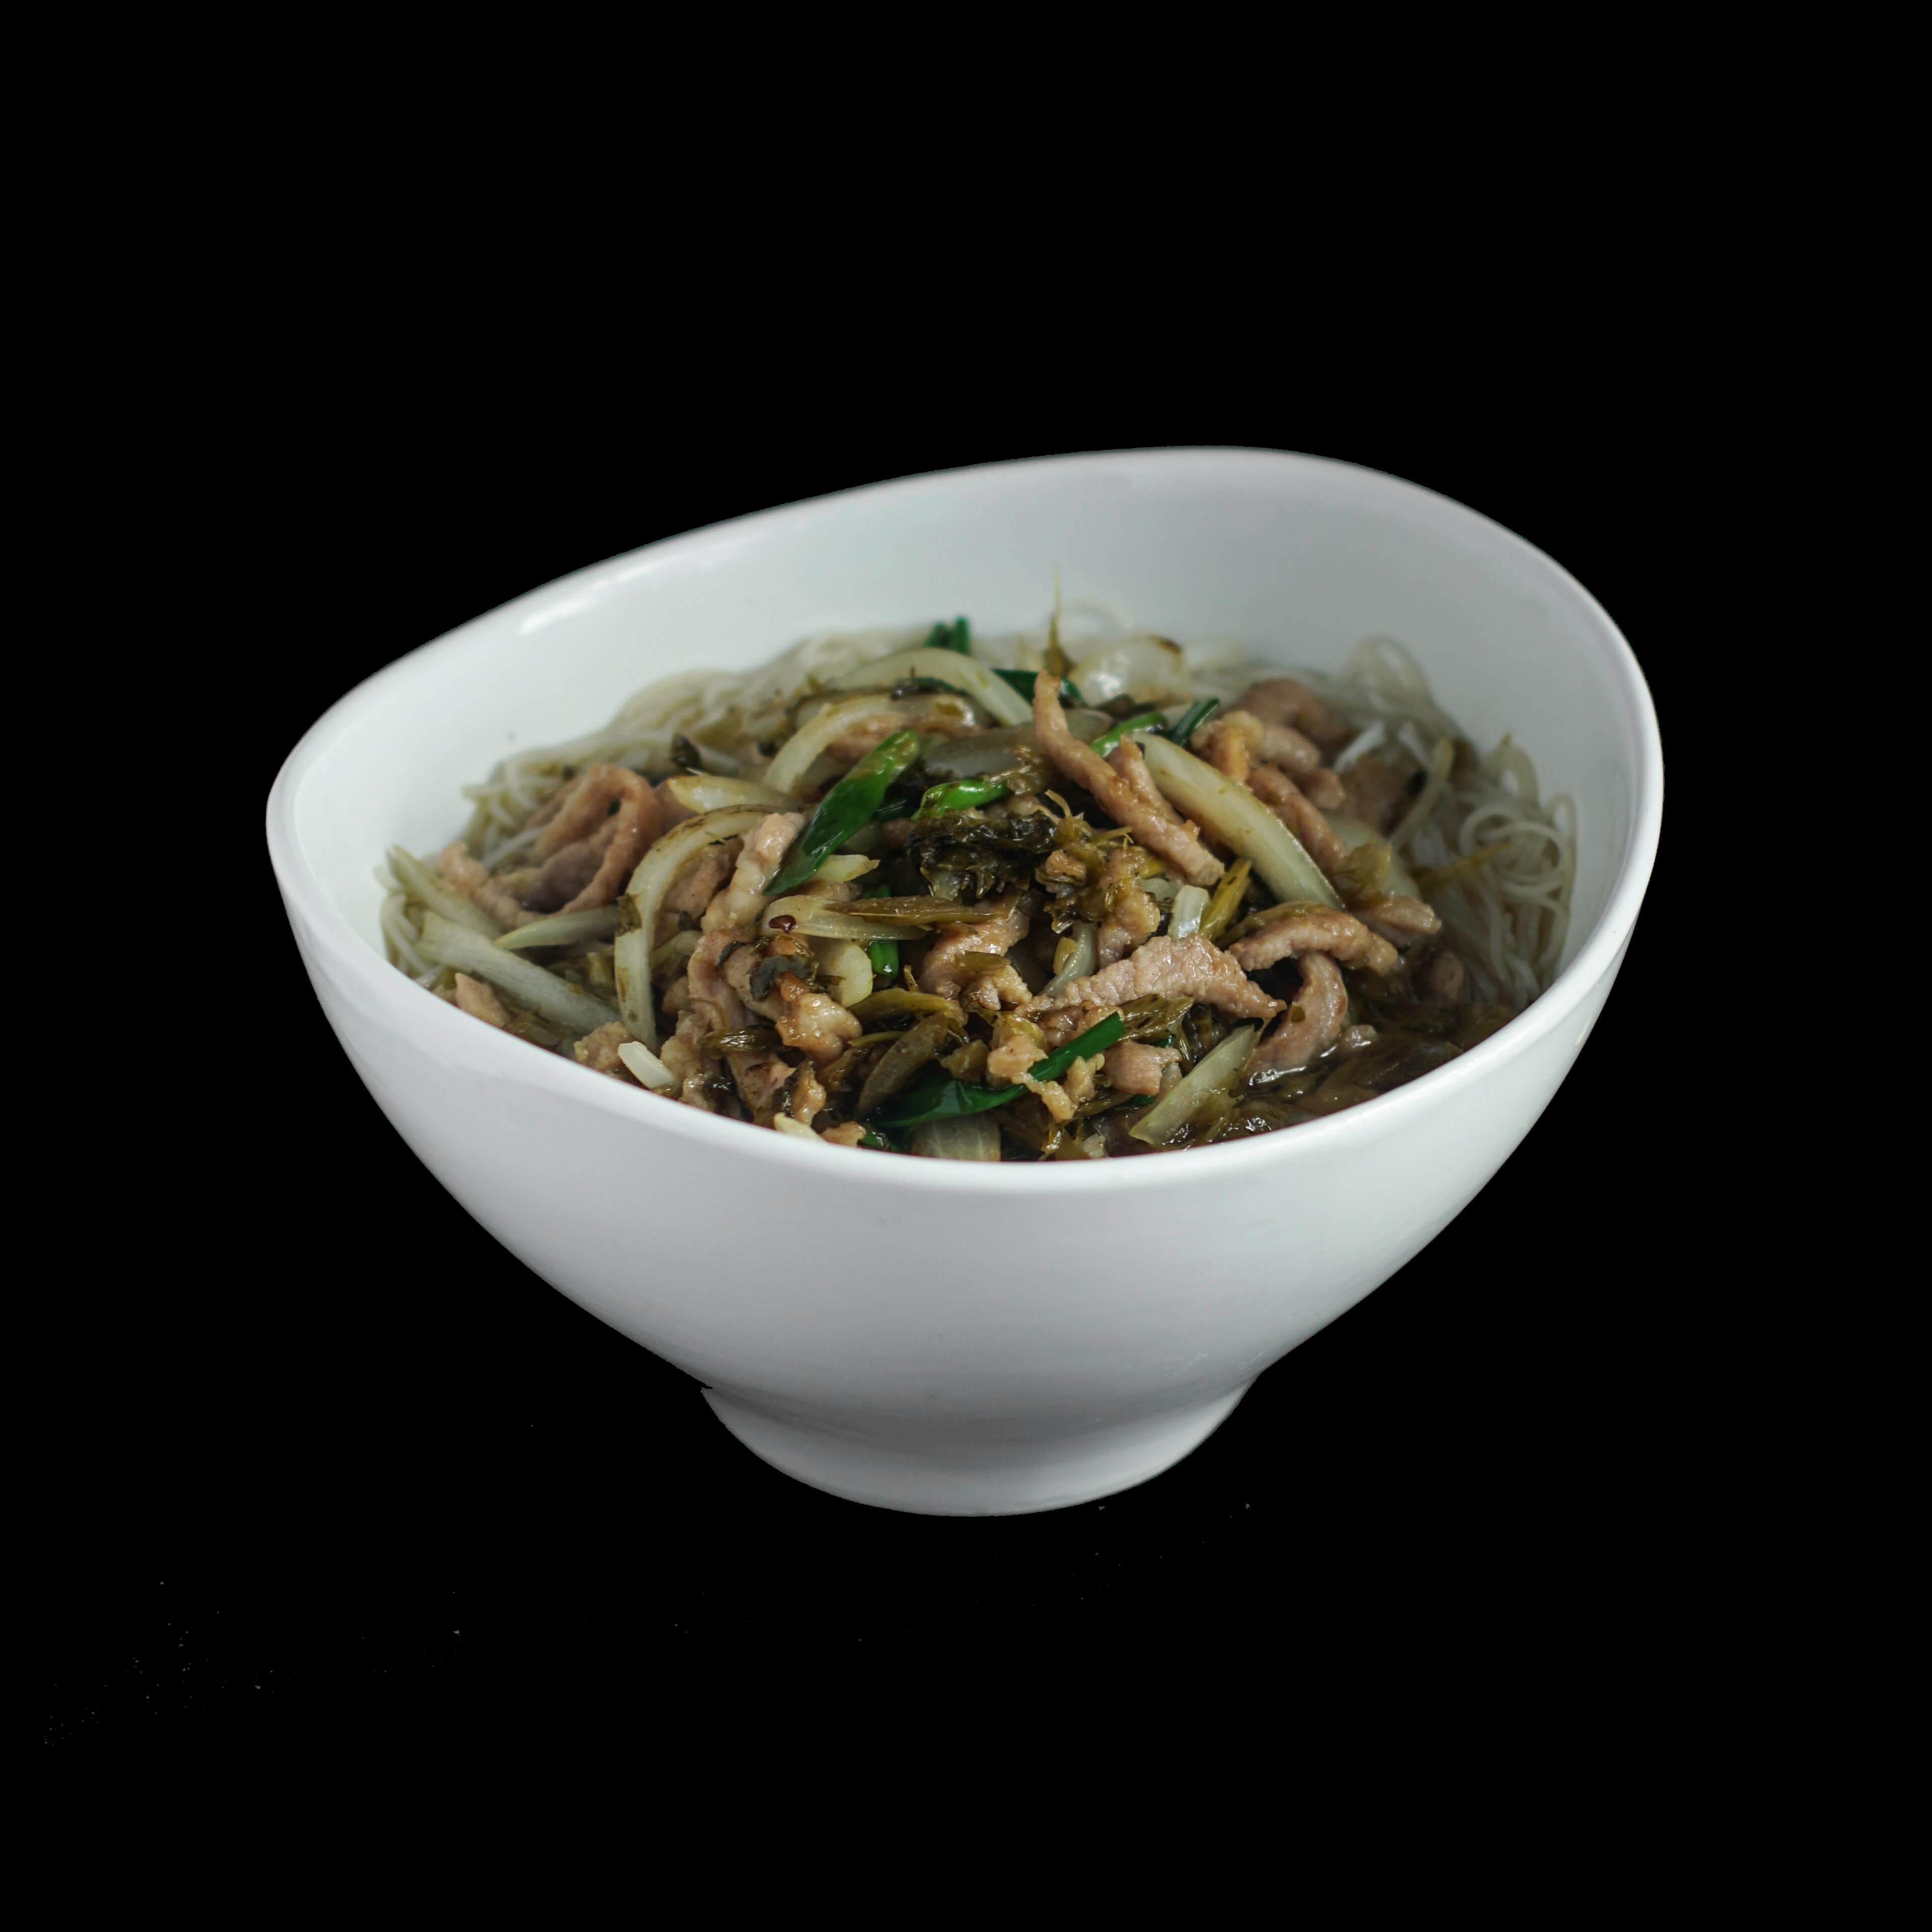 110. 雪菜肉丝 Shredded Pork w/ Preserved Vegetable Noodle Soup Image